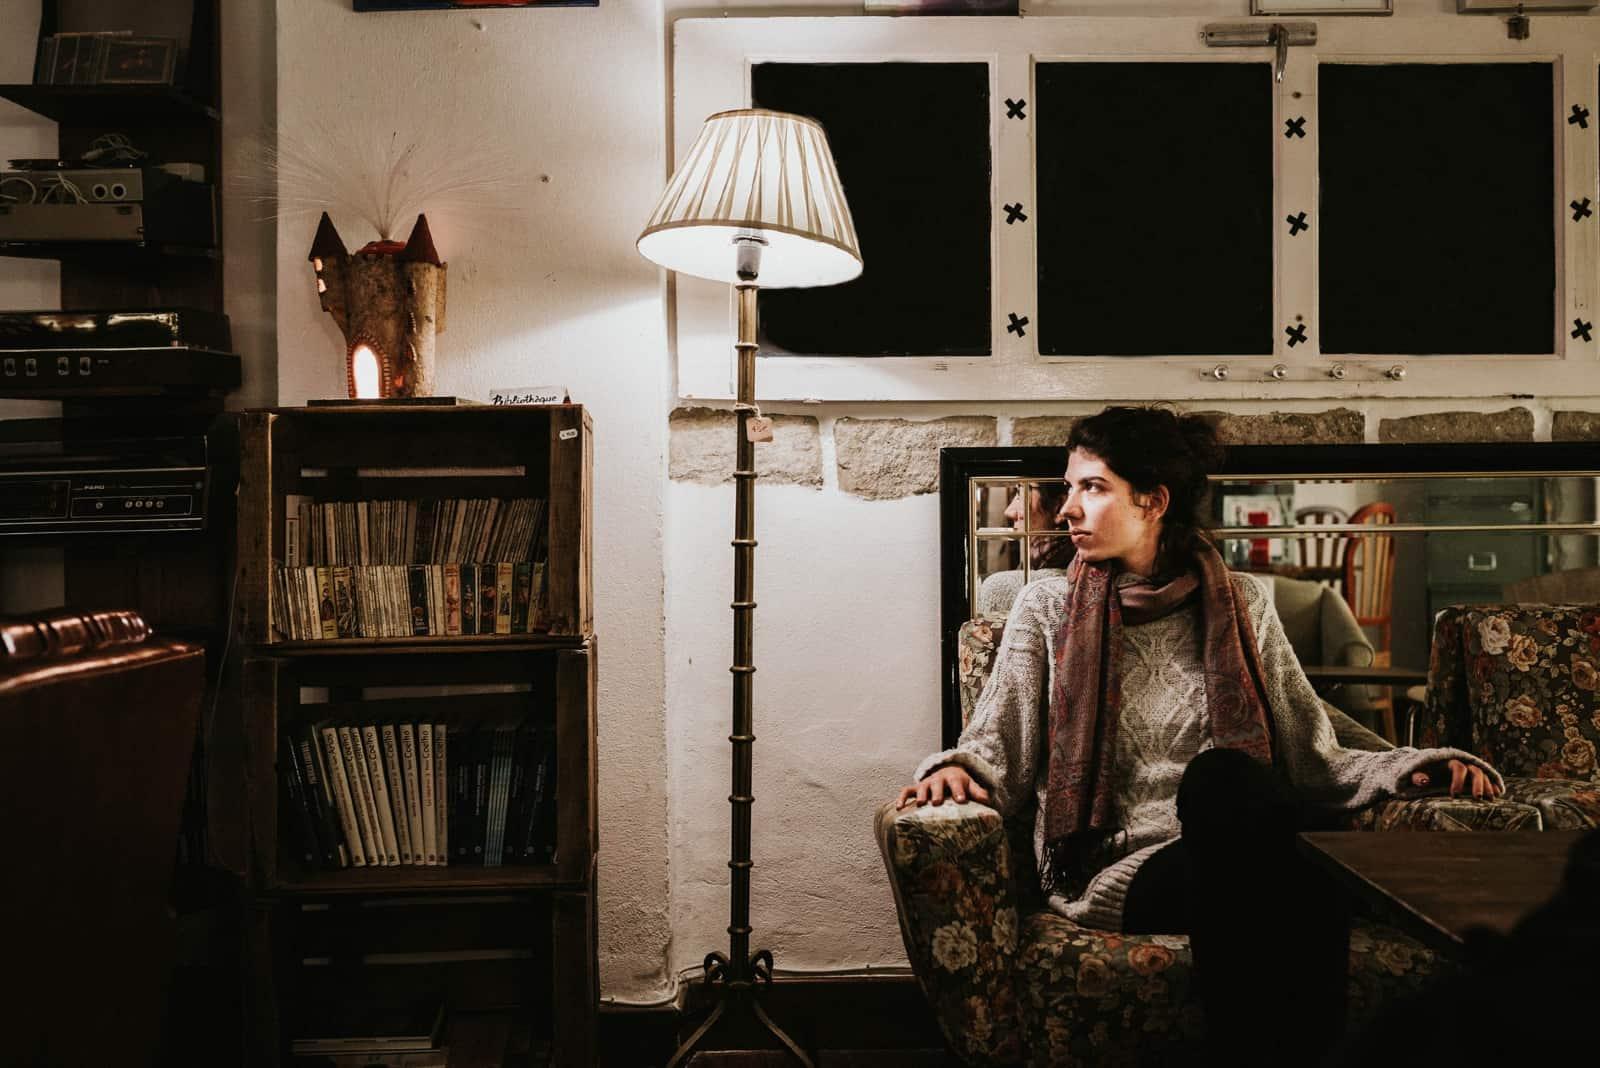 femme pensive avec foulard assis sur un fauteuil